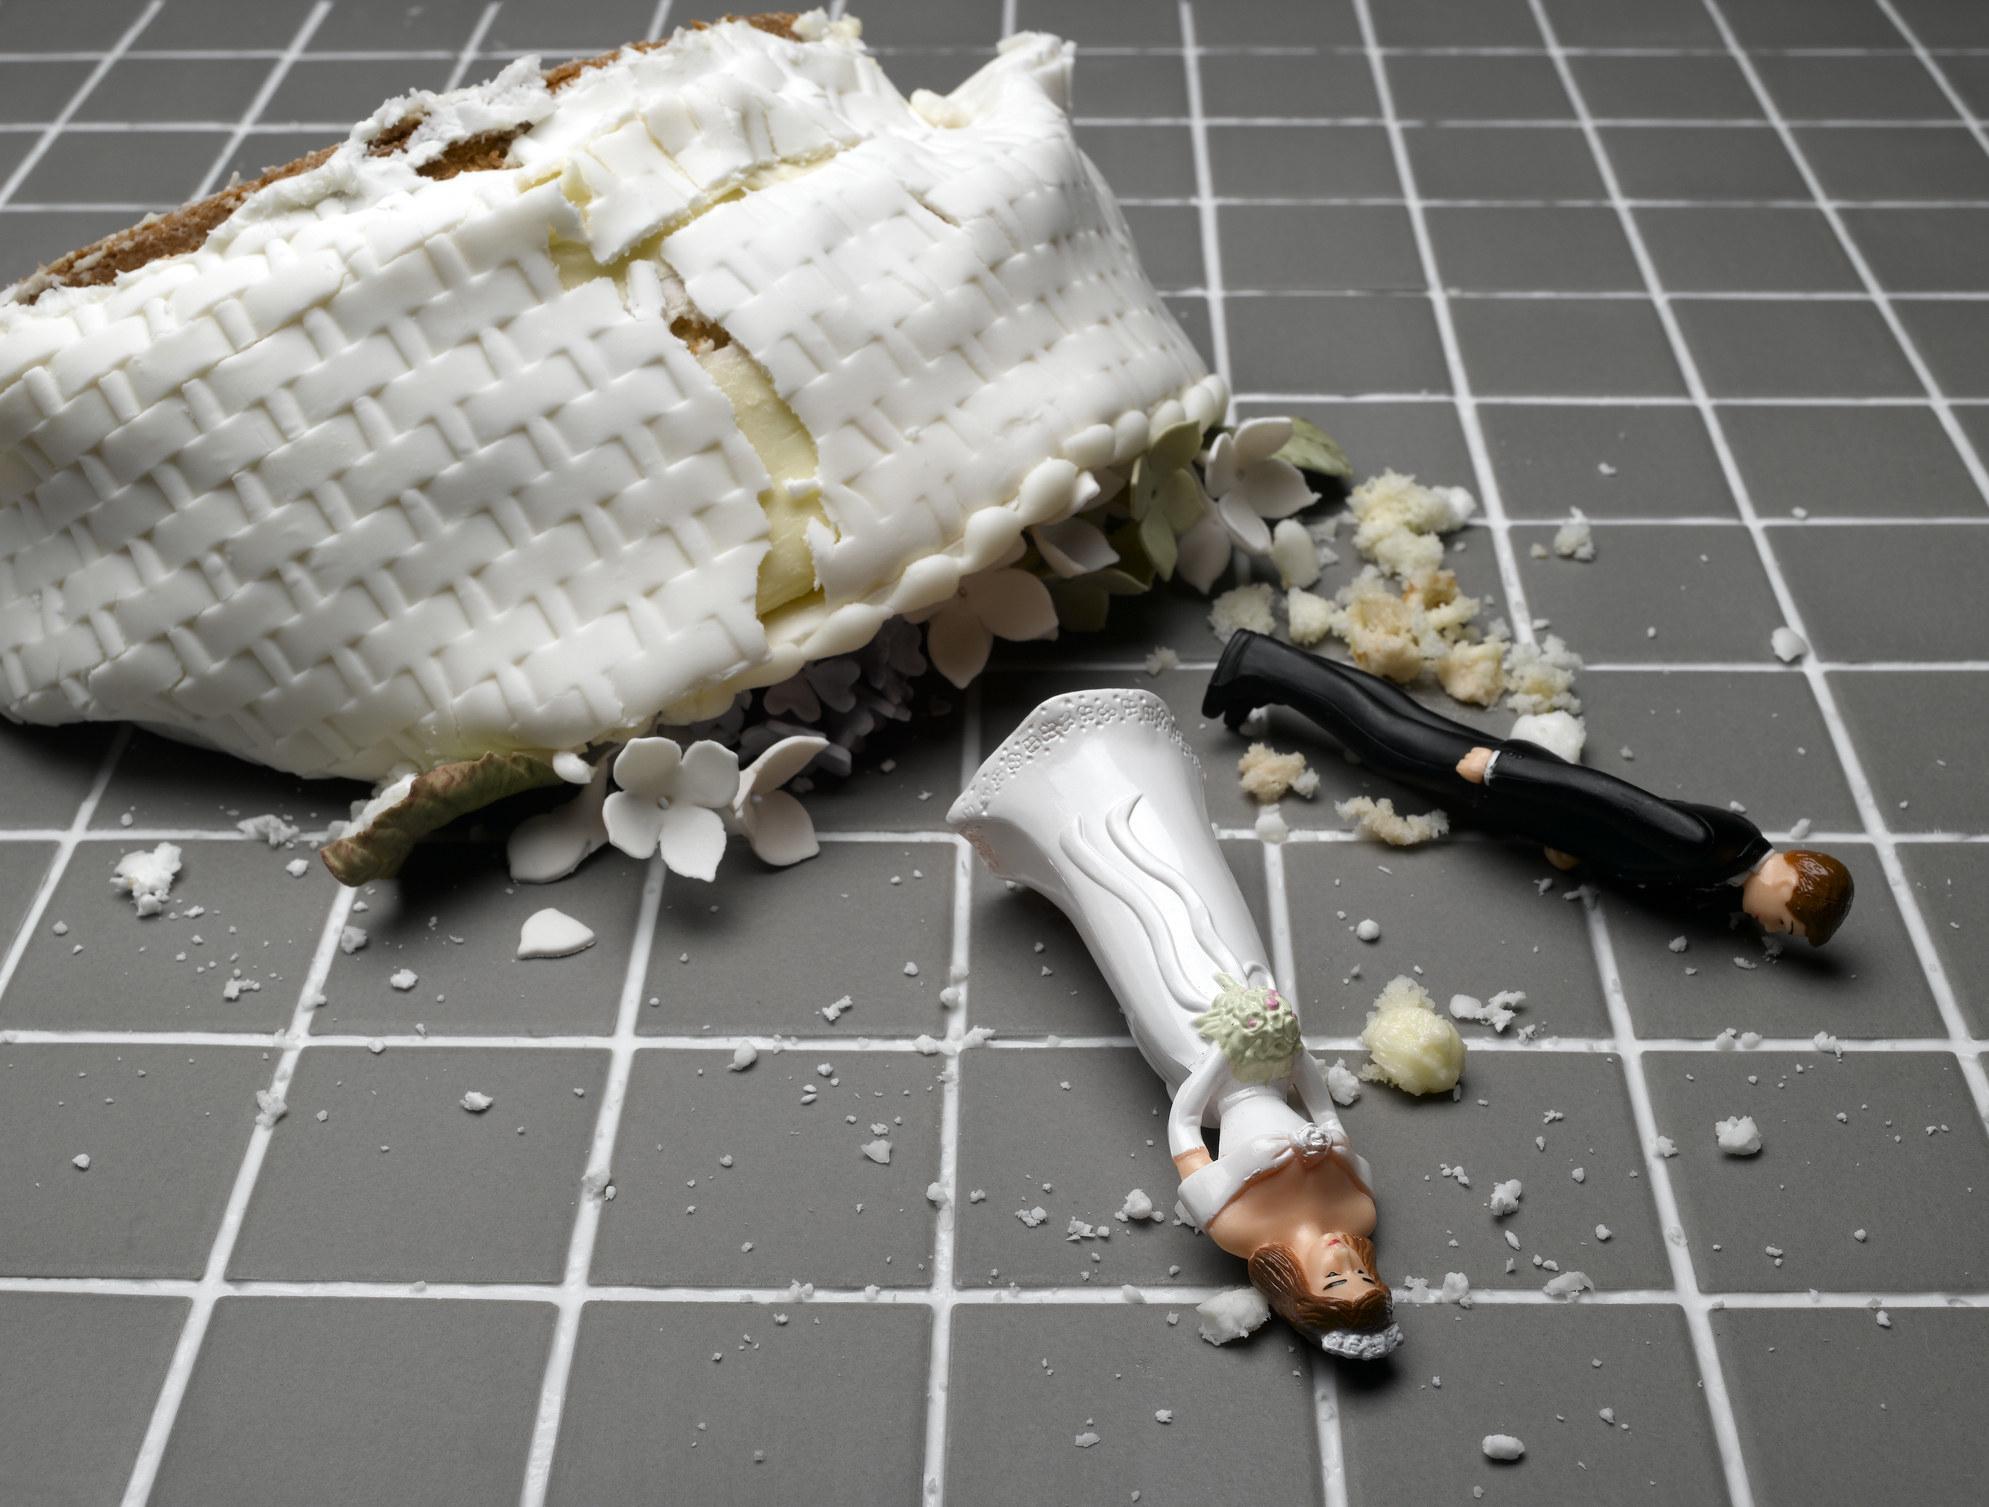 一个婚礼蛋糕被毁坏在地板上,新娘和新郎的动作人物在地板上